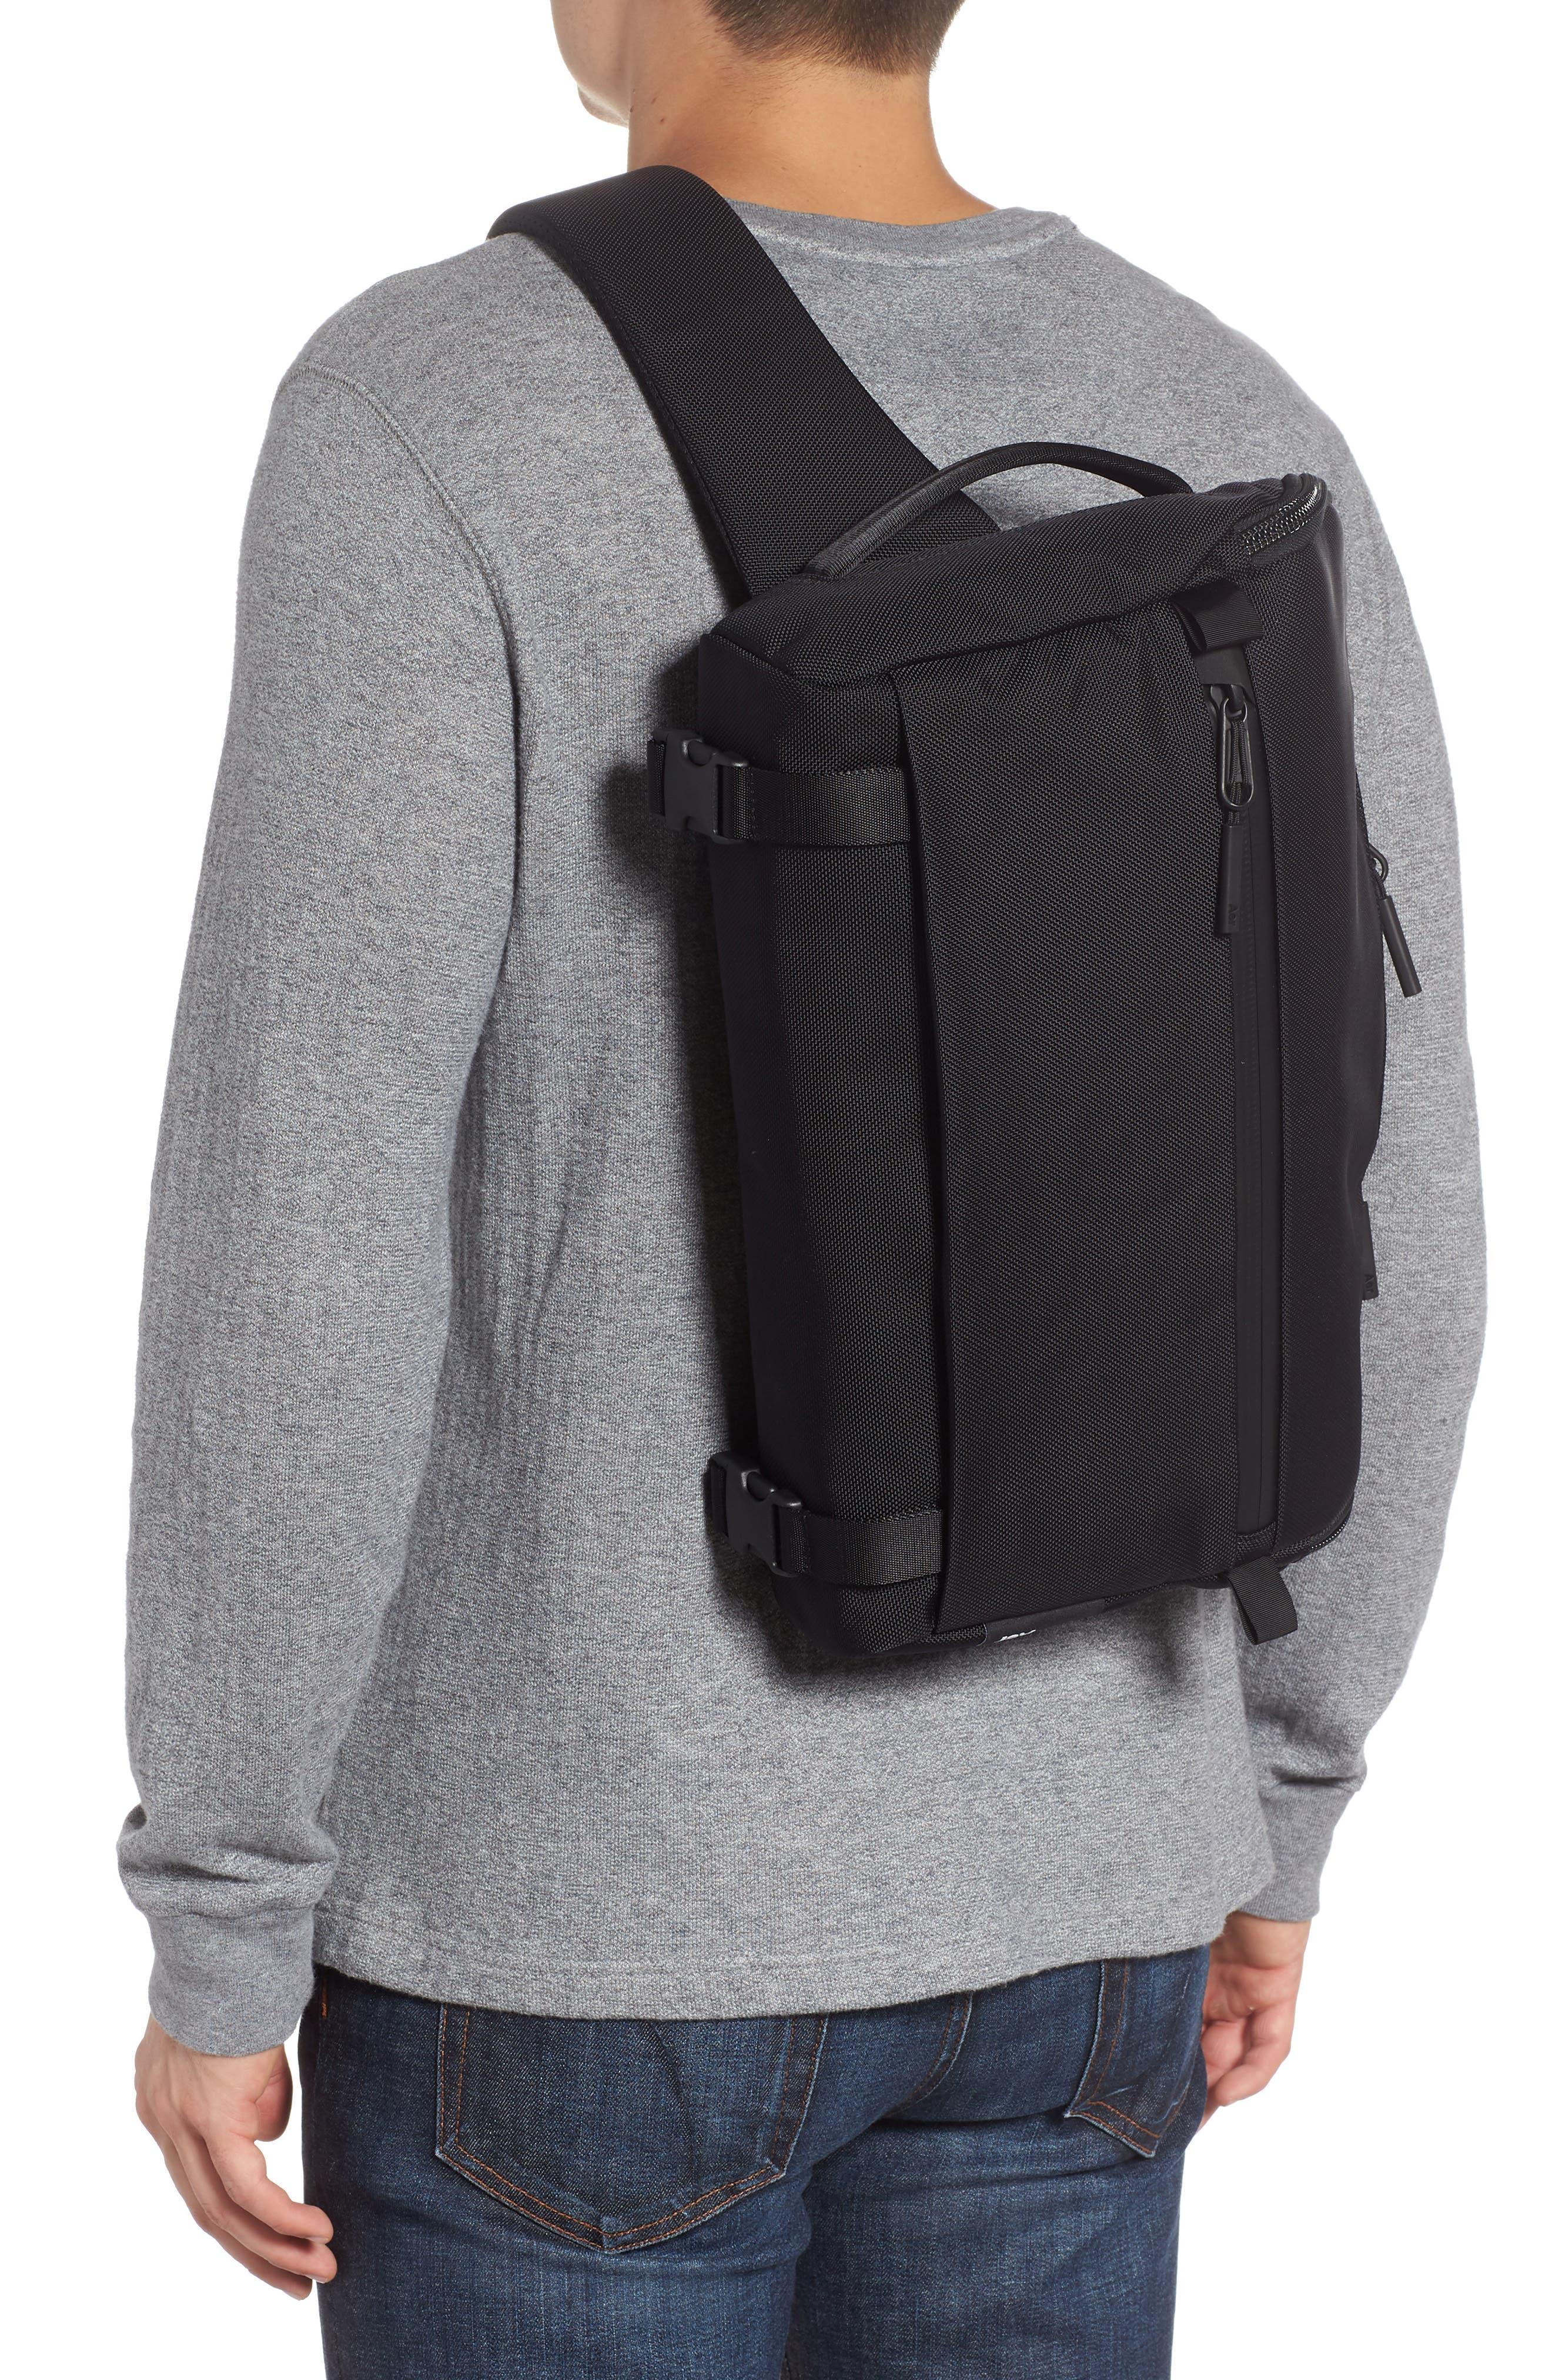 Travel Sling Crossbody Bag,                             Alternate thumbnail 2, color,                             BLACK